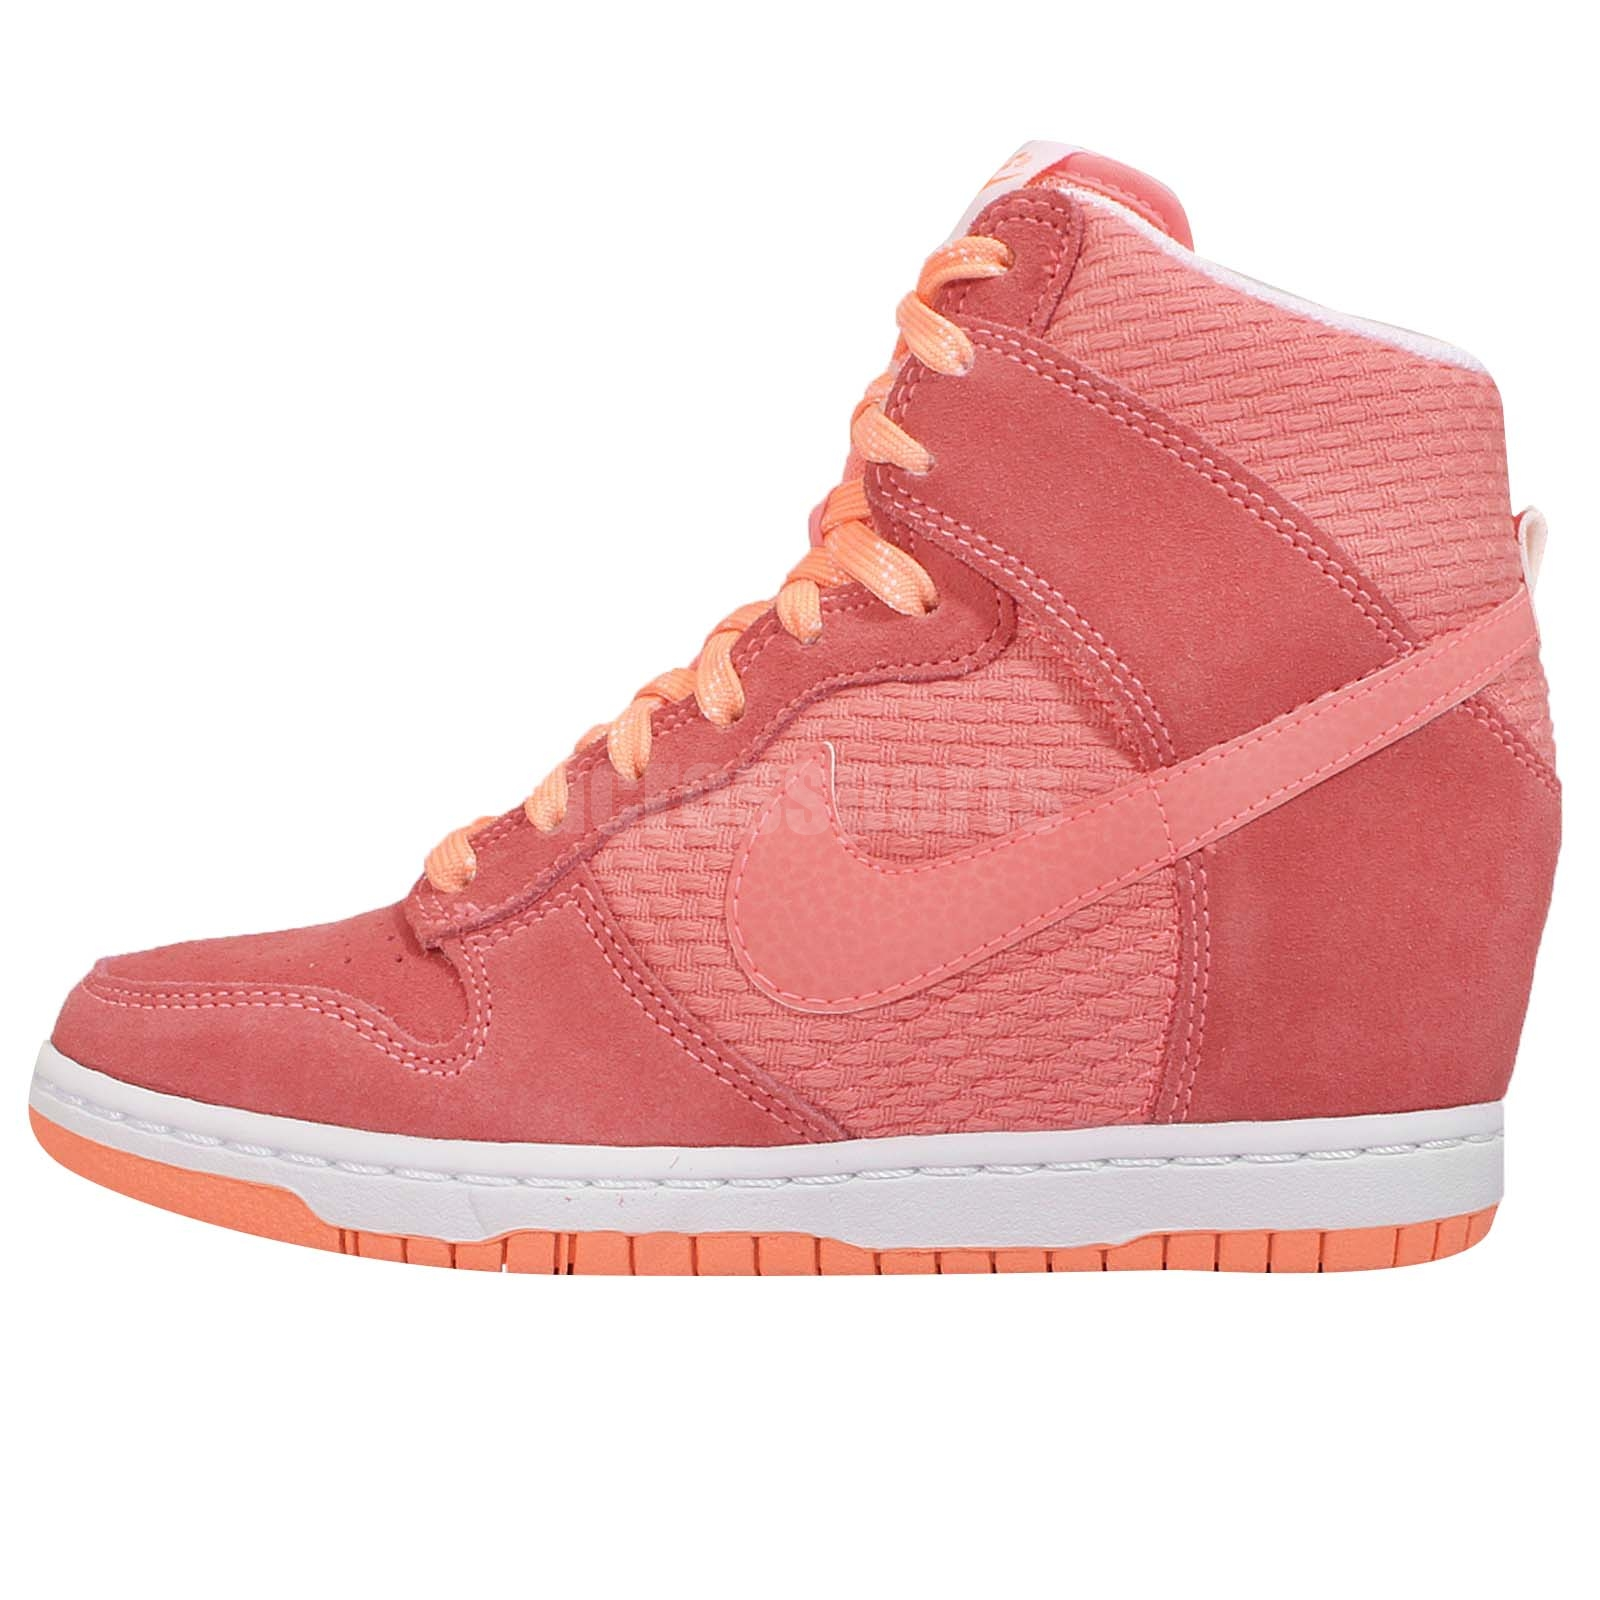 nike air dunk pink sneaker wedge